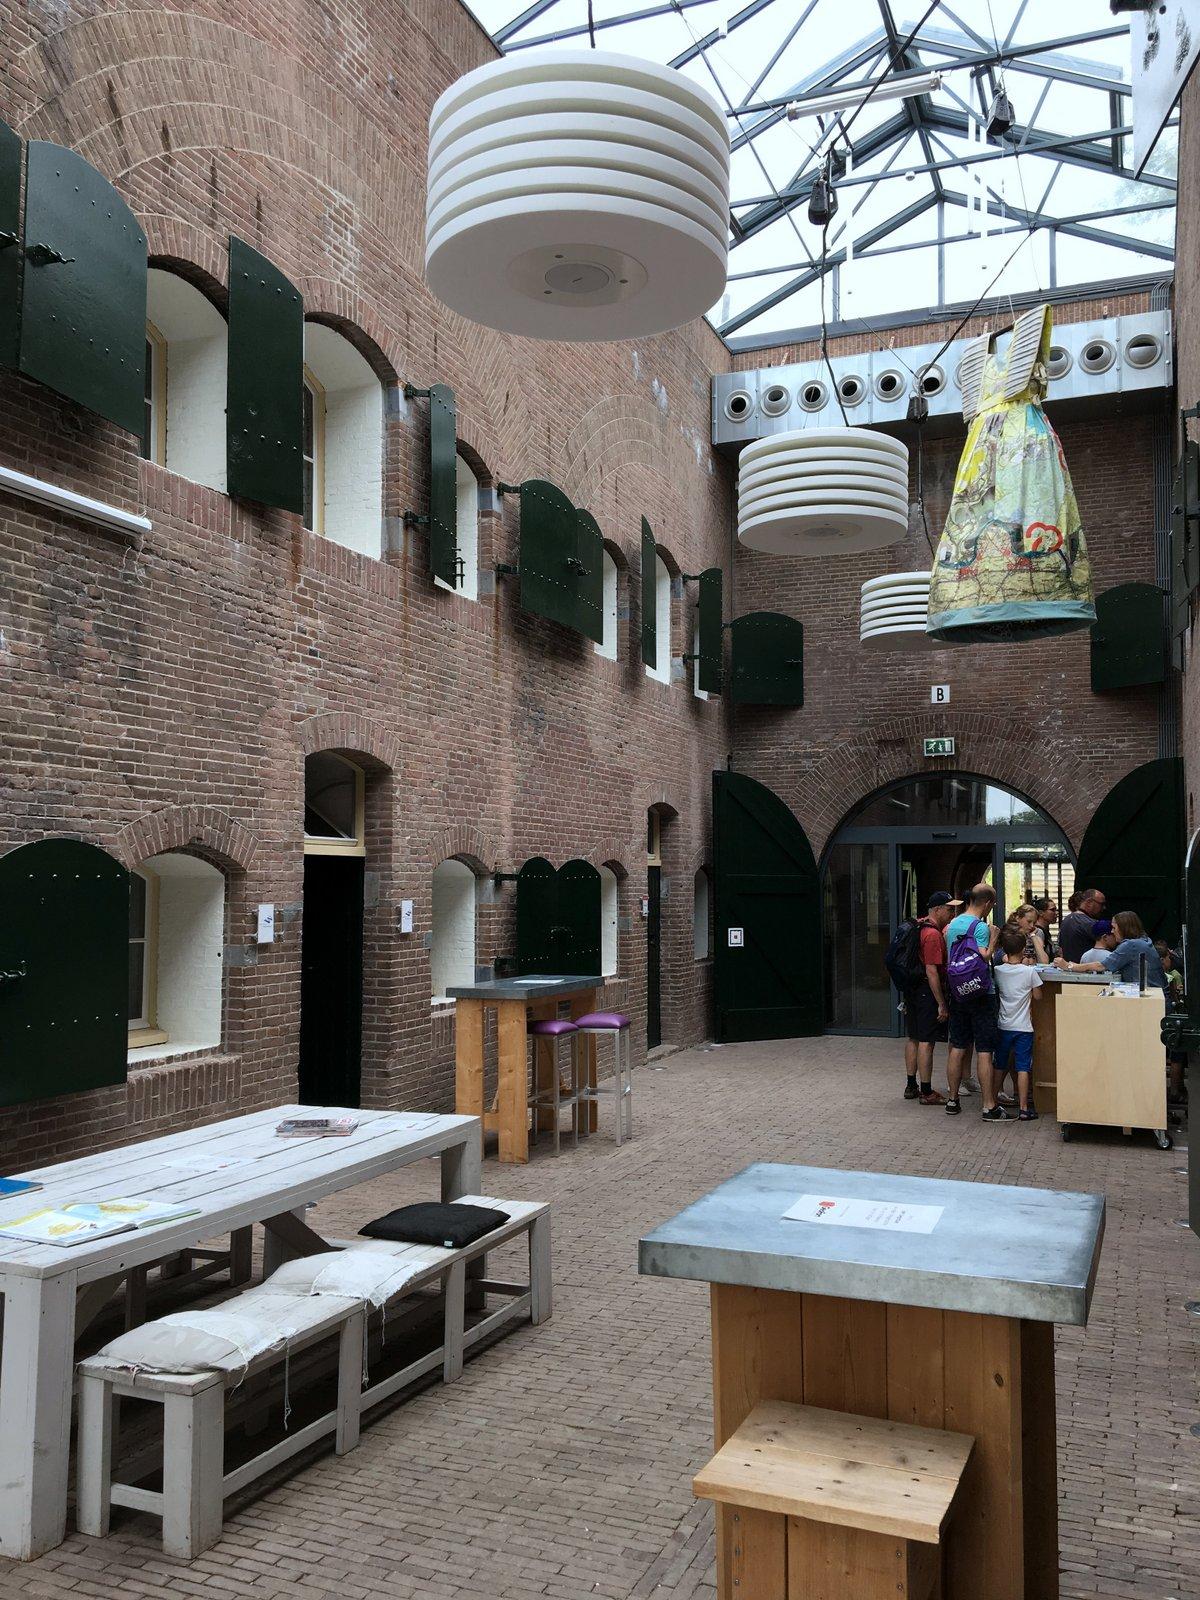 Geofort: Kazerne fort bij de nieuwe Steeg